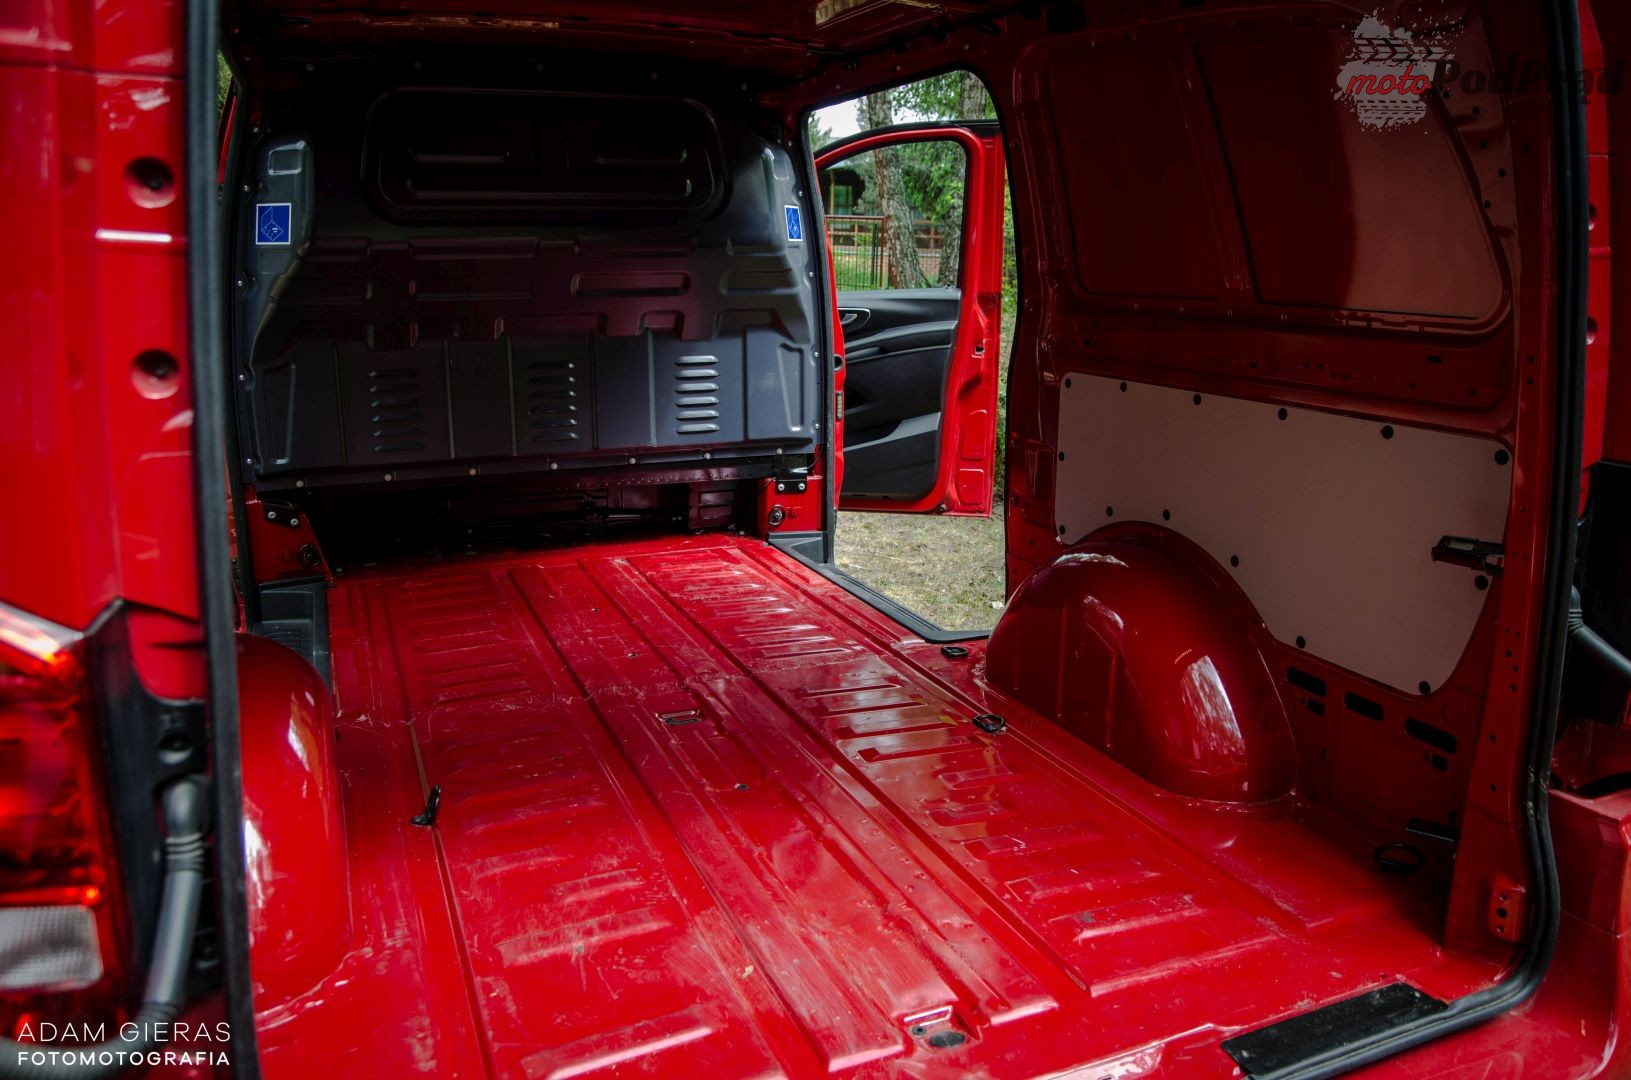 vito 1 Minitest: Mercedes Vito furgon 111 CDI 4×2 –  w czerwieni mu do twarzy